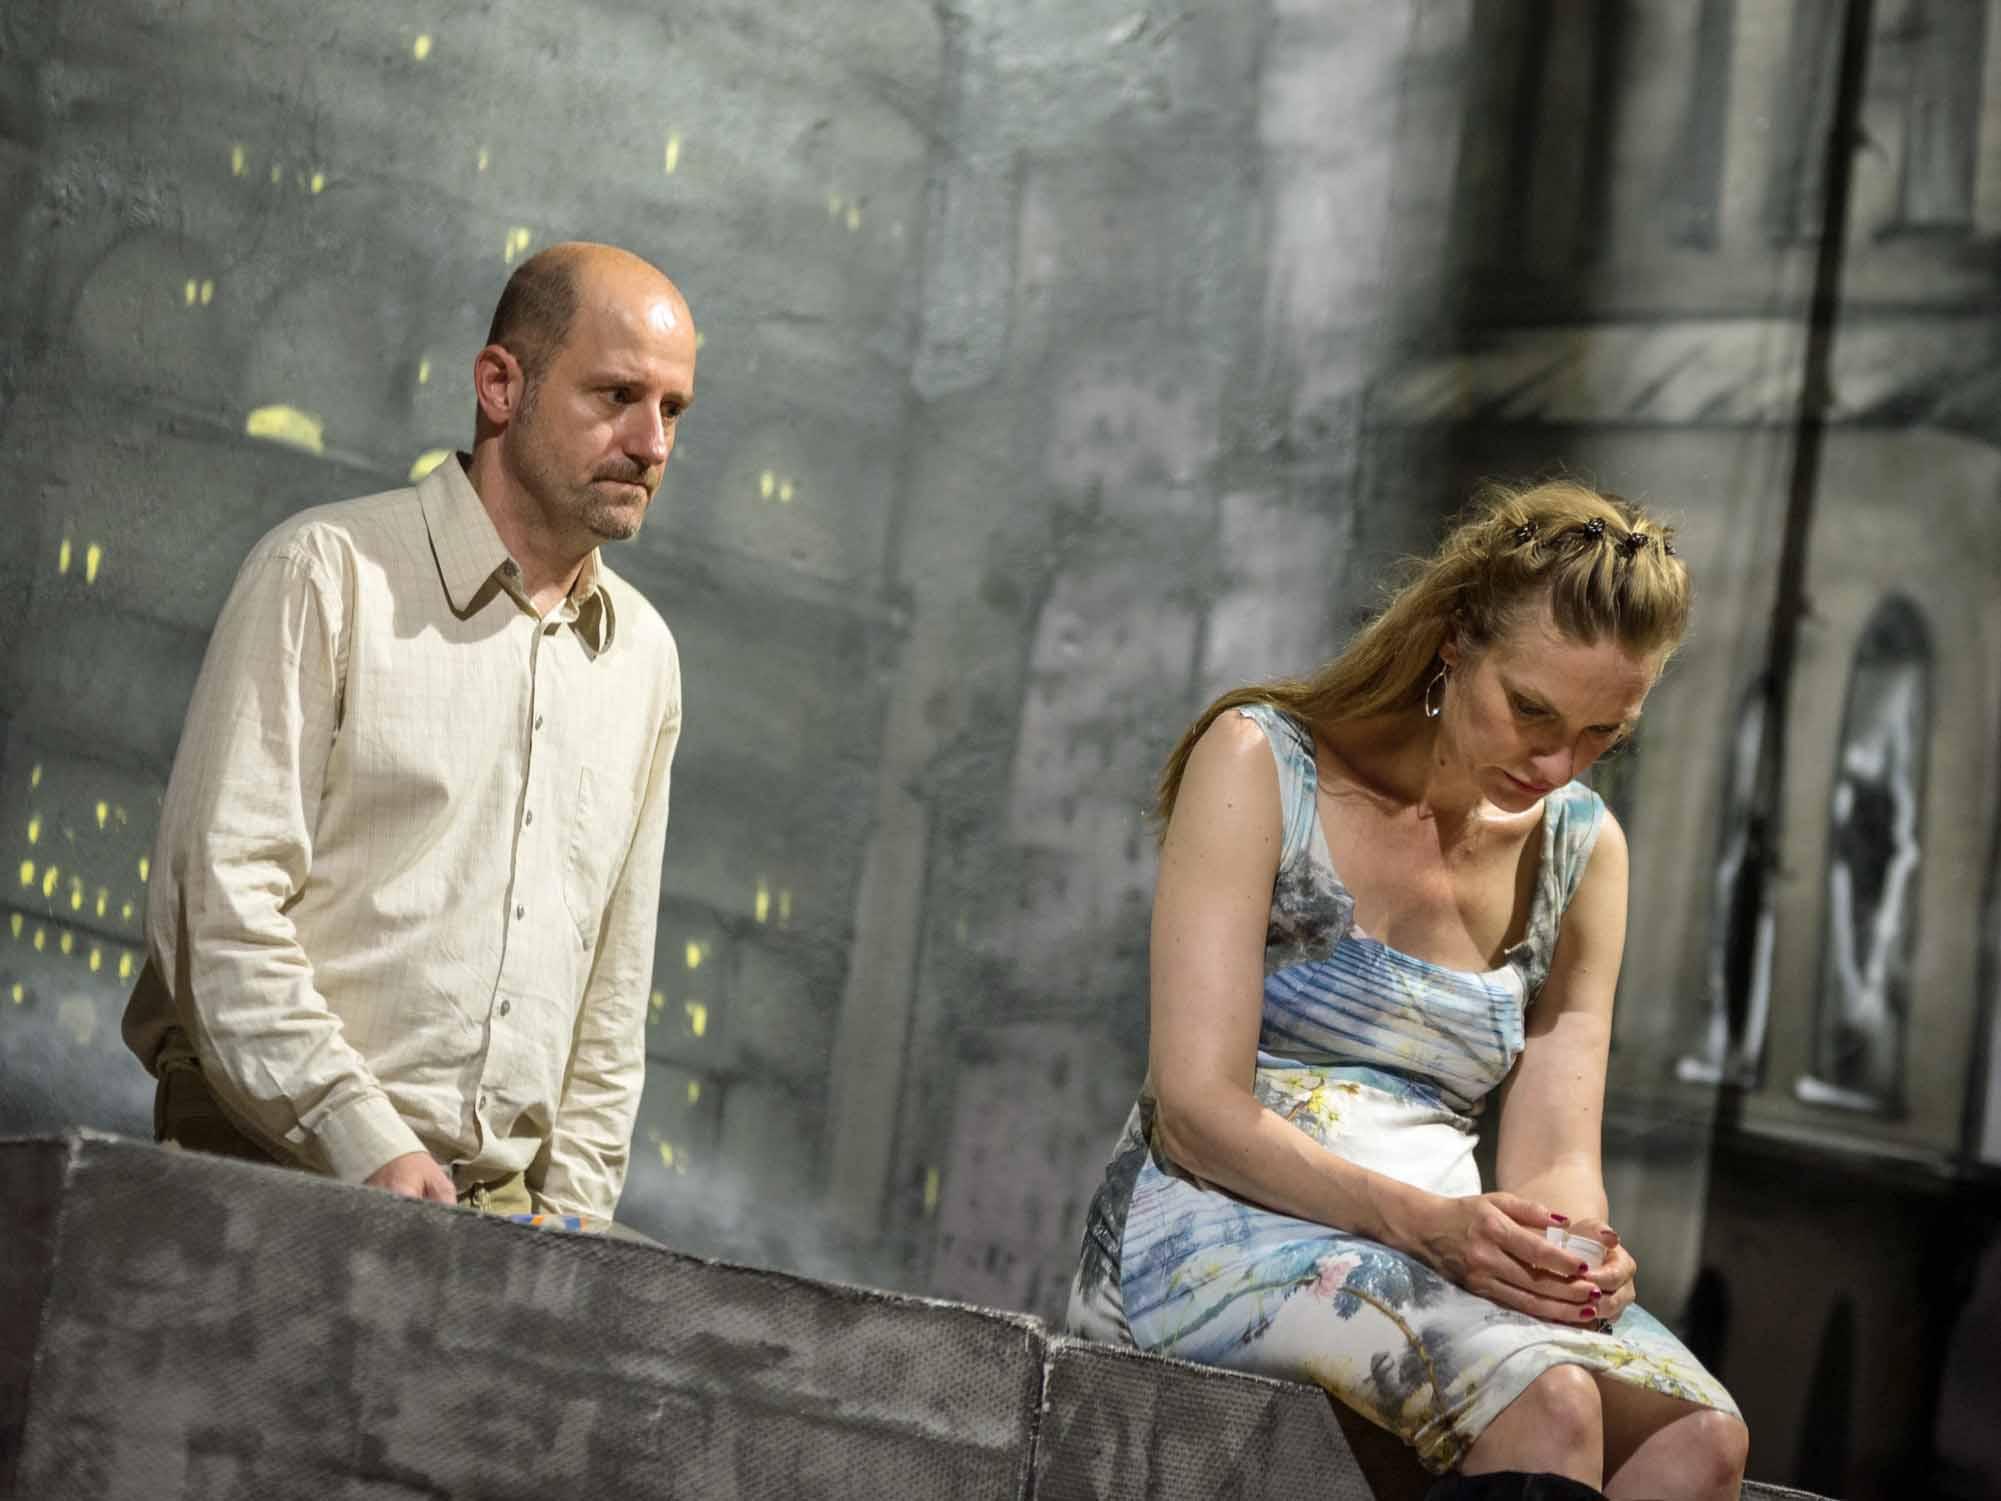 Mann und Frau auf einer Bühne.